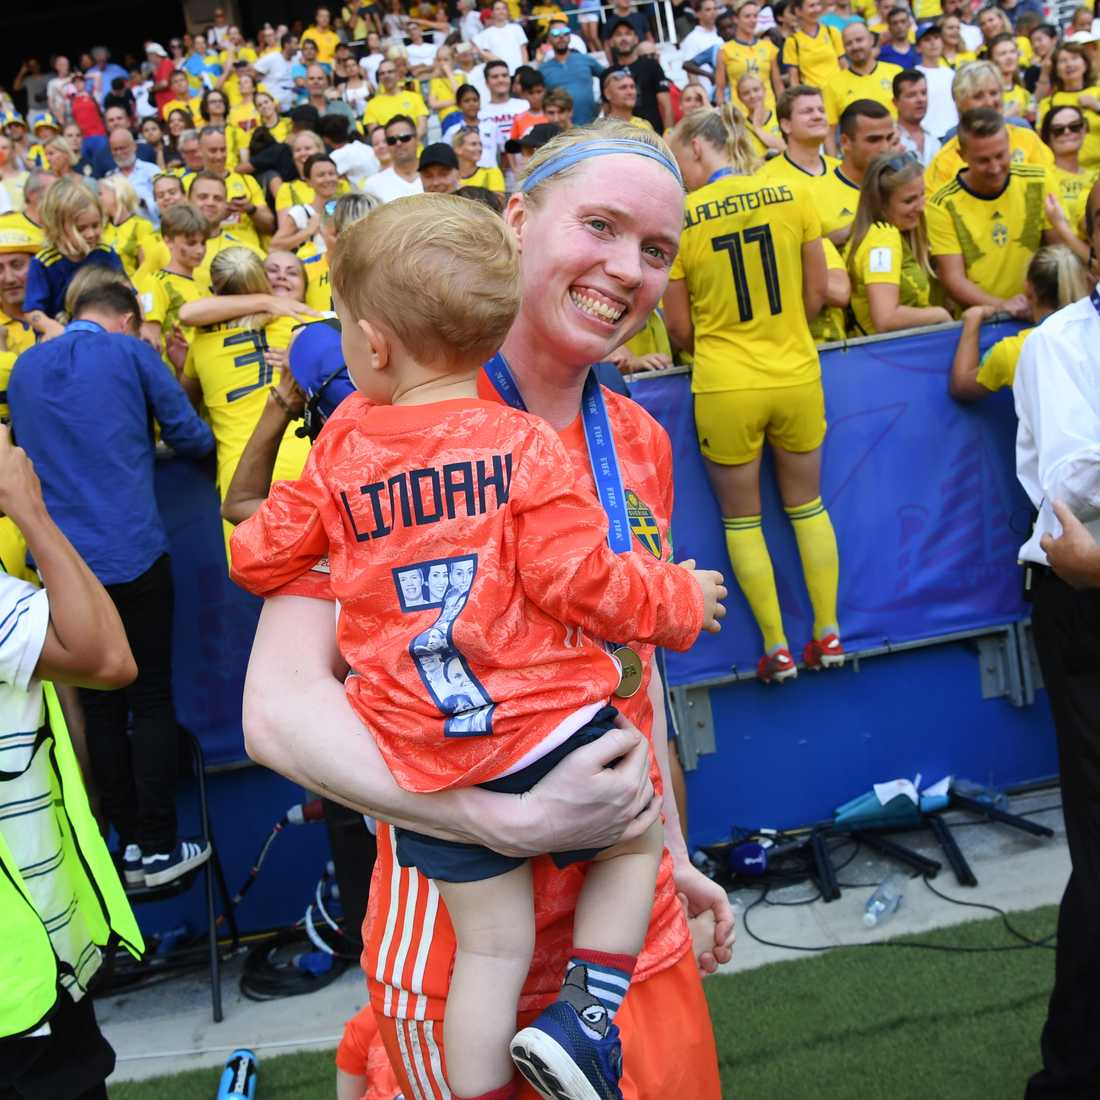 Landslagsmålvakten Hedvig Lindahl med ett av sina barn under fotbolls-VM. Nu kräver hon och övriga elitspelare bättre villkor för gravida fotbollsspelare. Arkivbild.